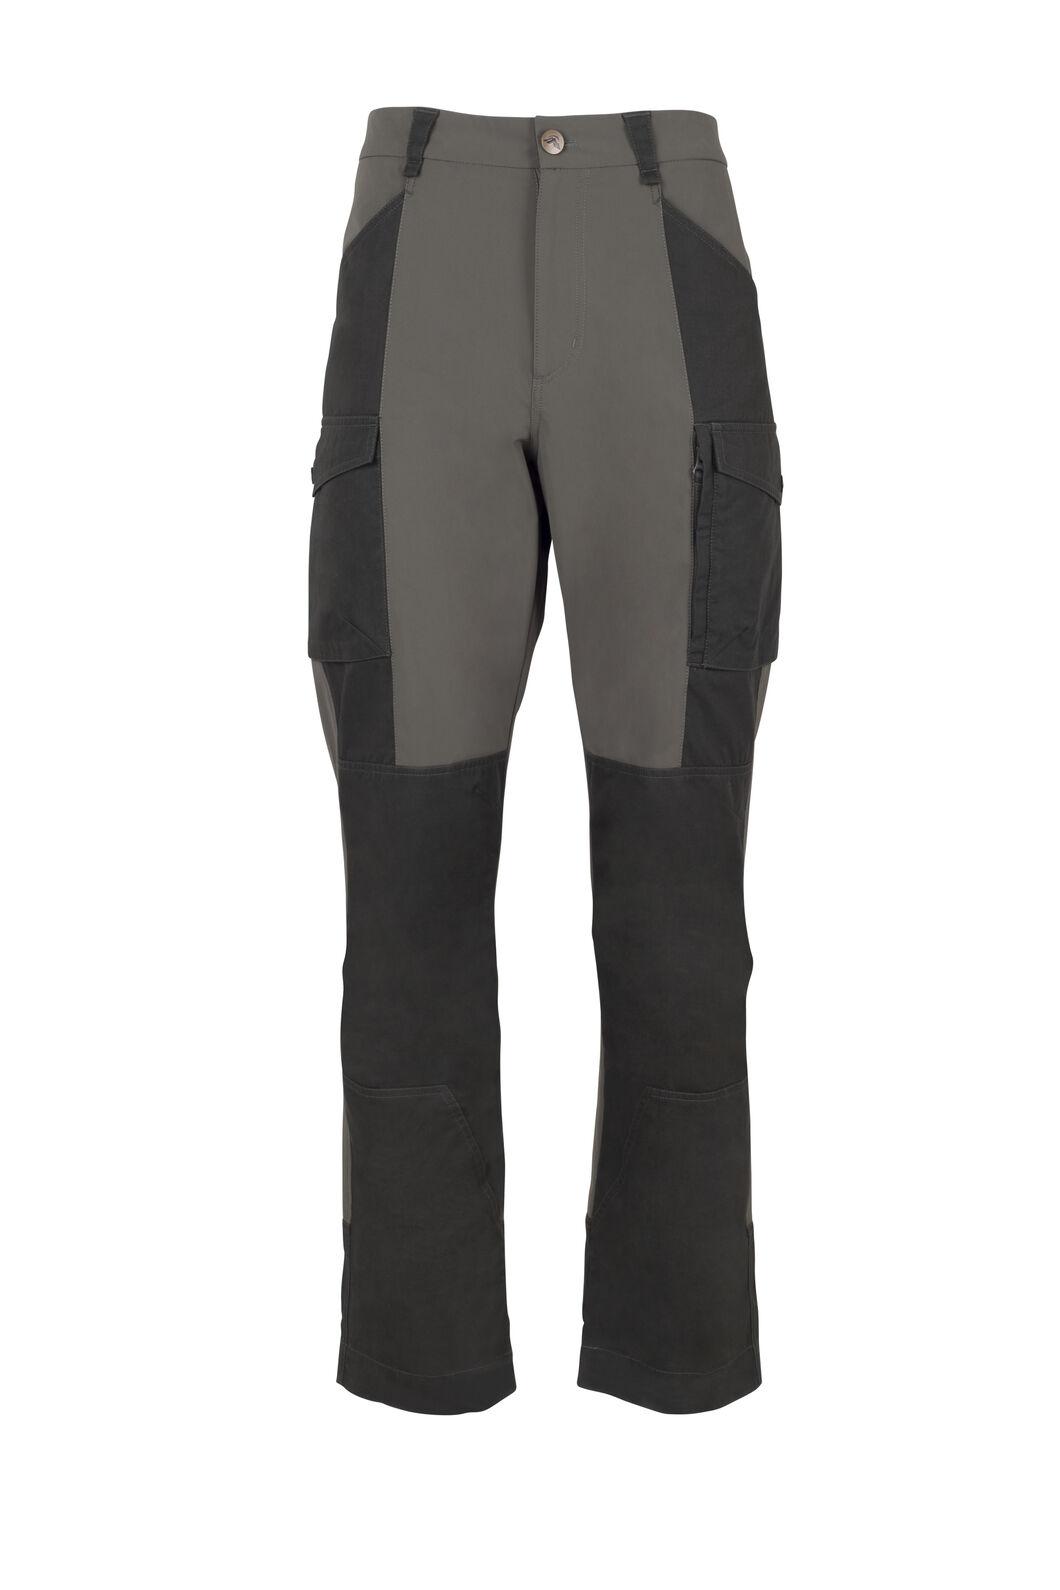 Macpac Scree Pants - Men's, Peat, hi-res